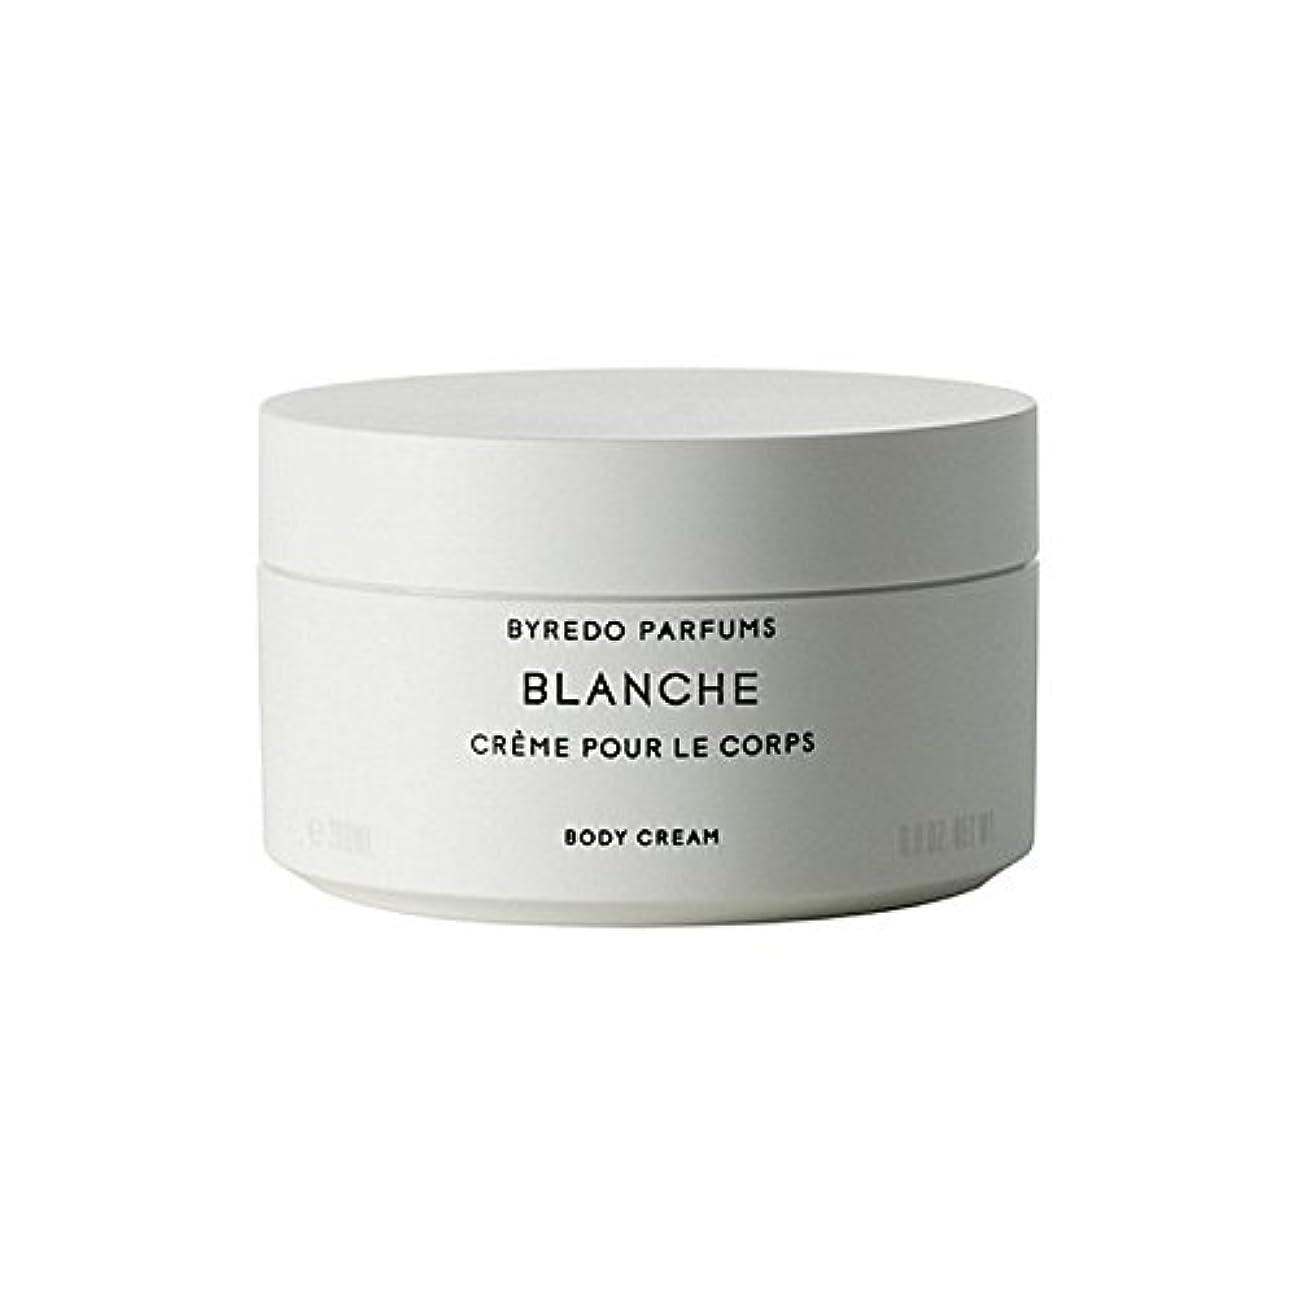 管理者スリップシューズパンByredo Blanche Body Cream 200ml - ブランシュボディクリーム200ミリリットル [並行輸入品]